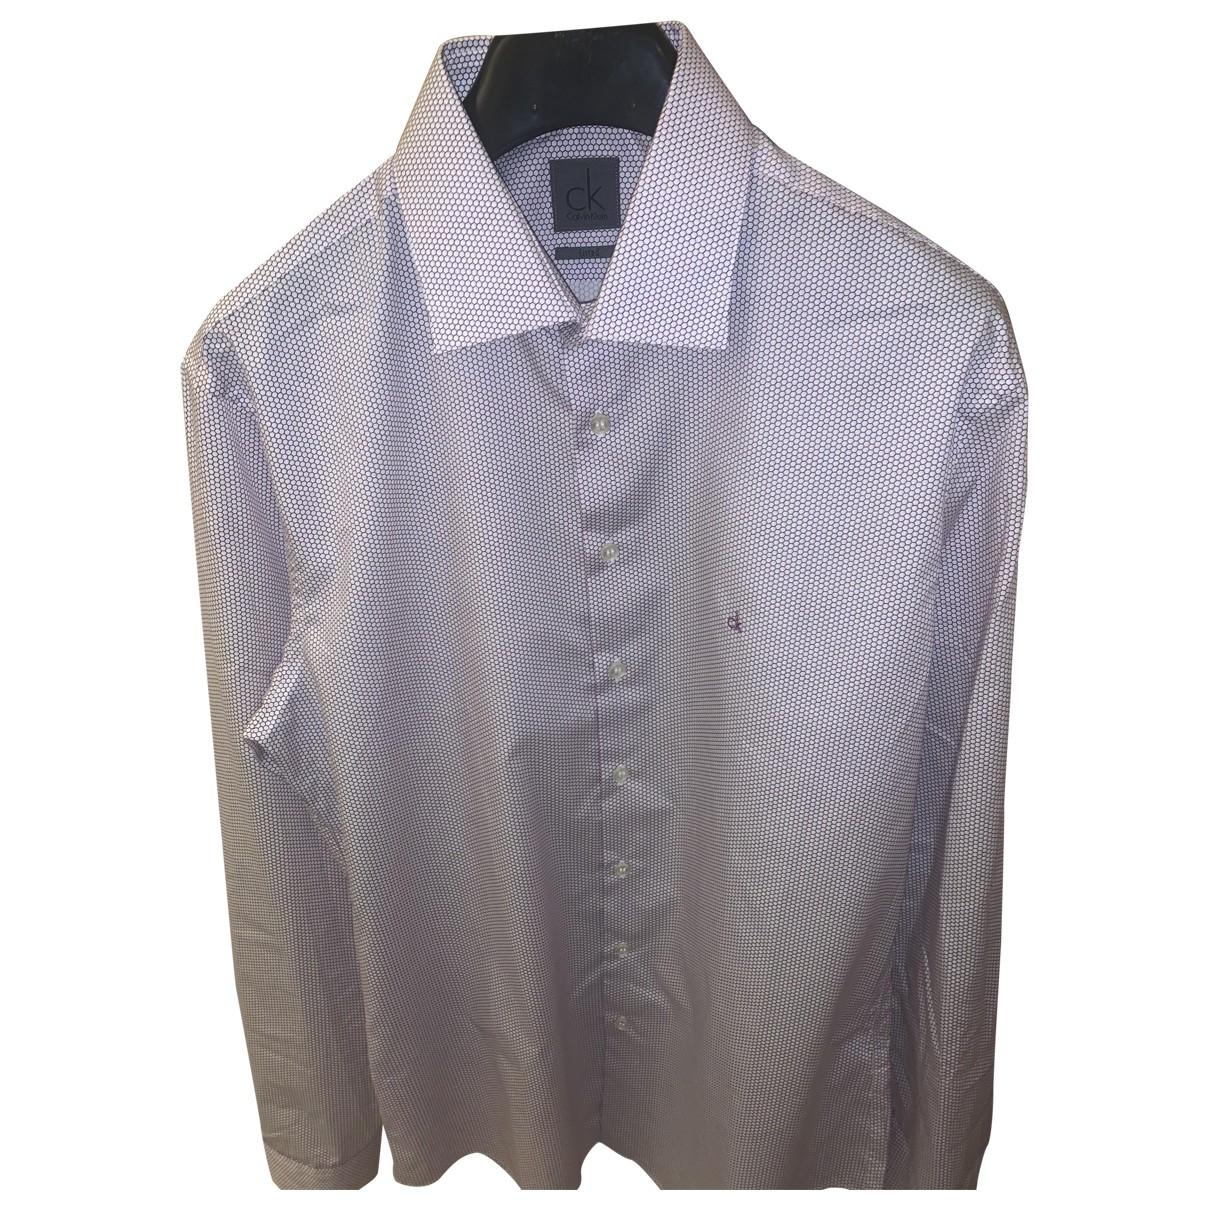 Calvin Klein \N Cotton Shirts for Men 40 EU (tour de cou / collar)